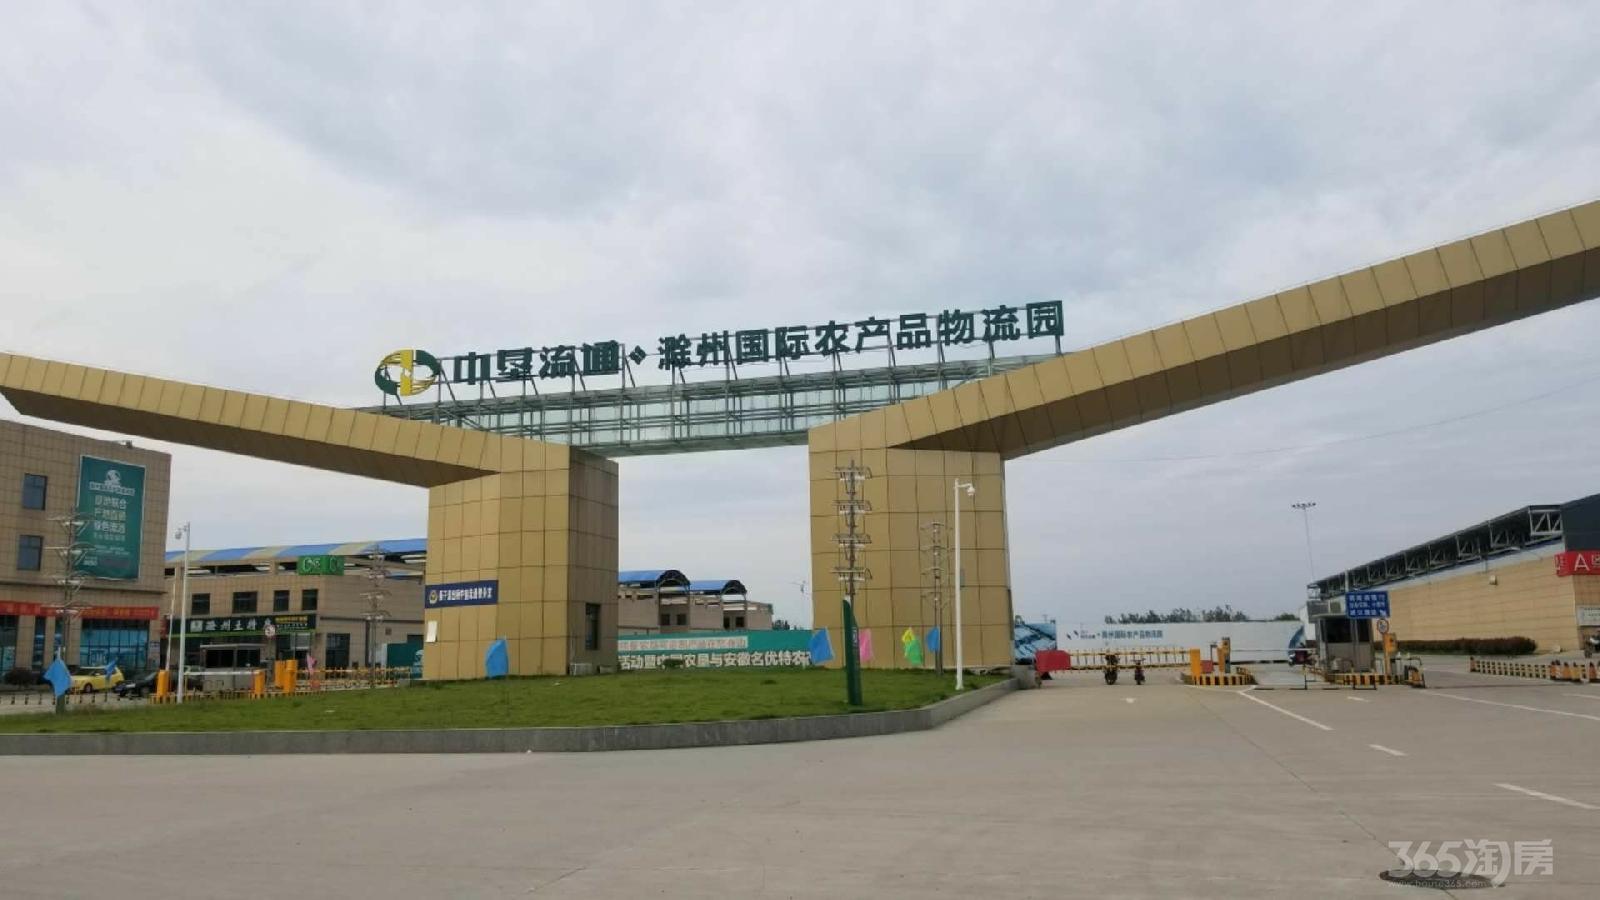 中垦流通・滁州农产品物流园73.34平米2015年新铺毛坯